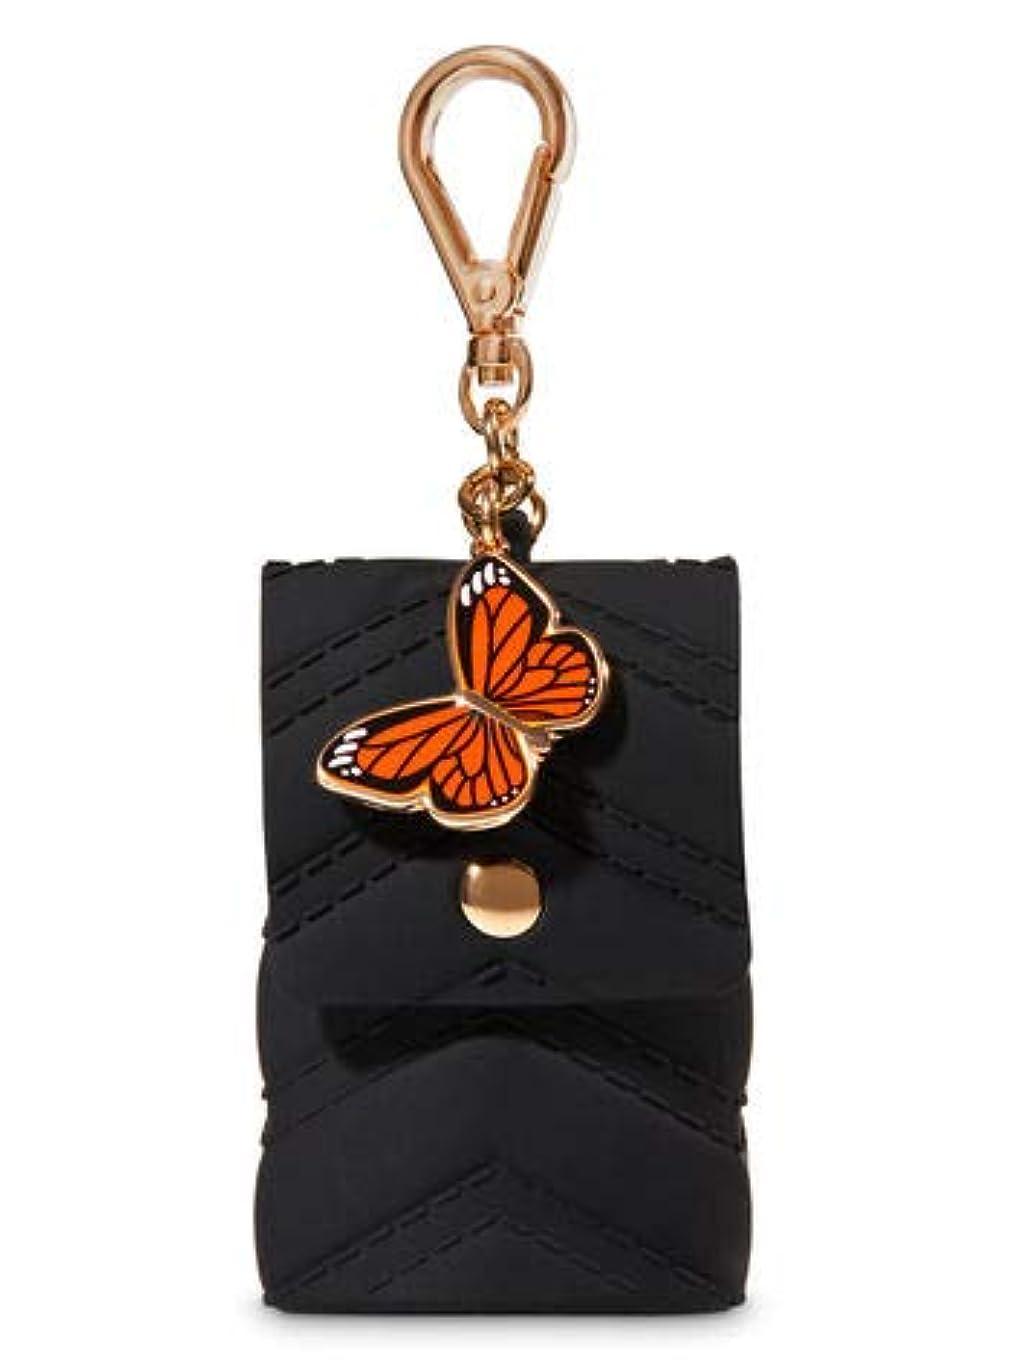 タンザニアテレックスお客様【Bath&Body Works/バス&ボディワークス】 抗菌ハンドジェルホルダー バタフライチャーム Pocketbac Holder Butterfly Charm [並行輸入品]